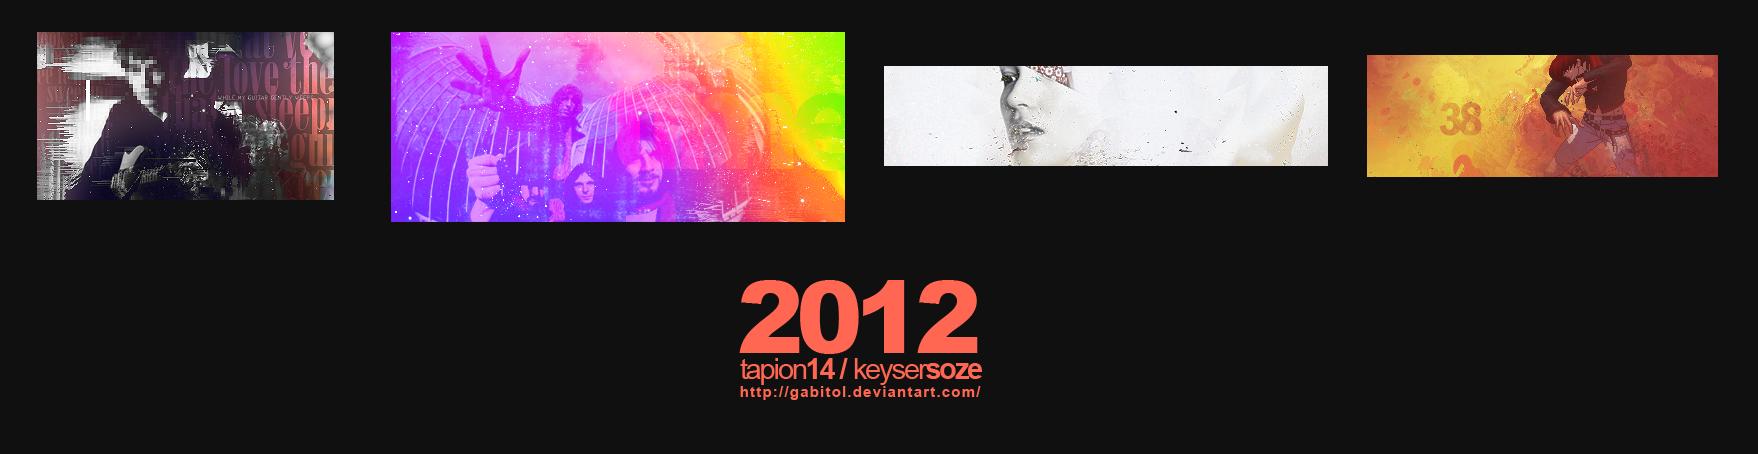 2012 by Gabitol